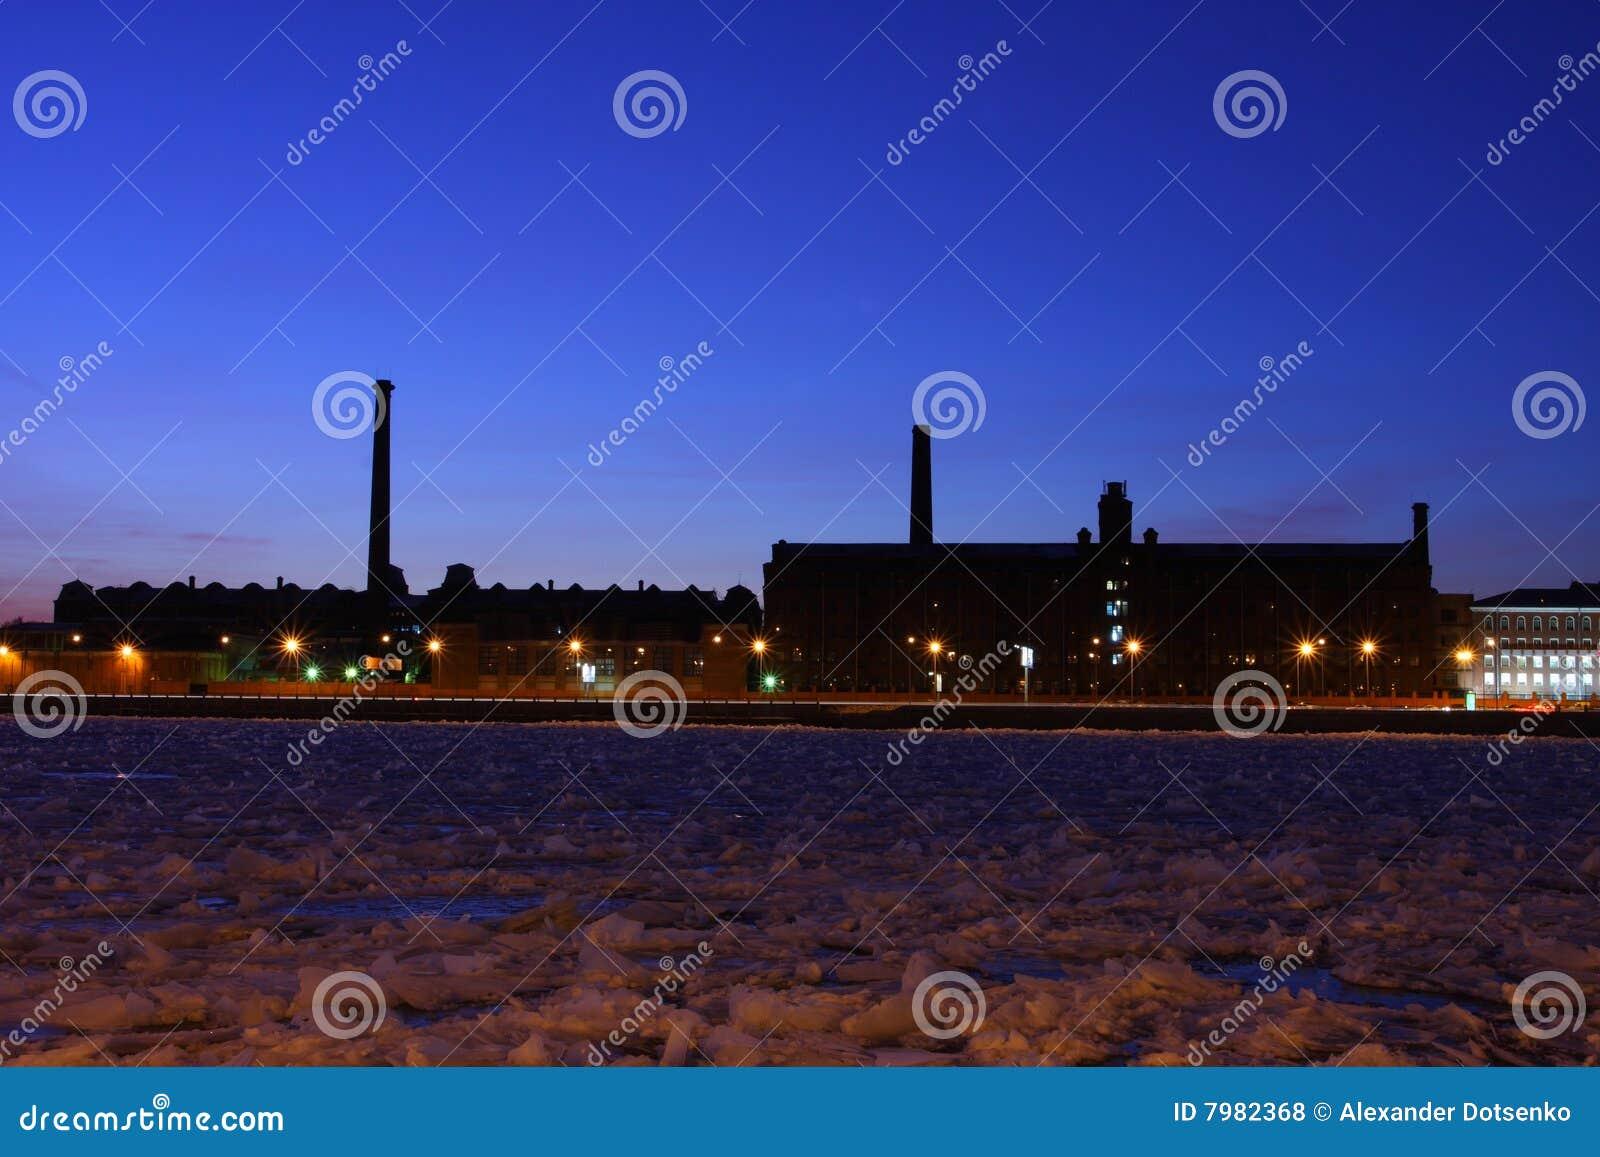 Las fábricas industriales en la batería de río Neva.